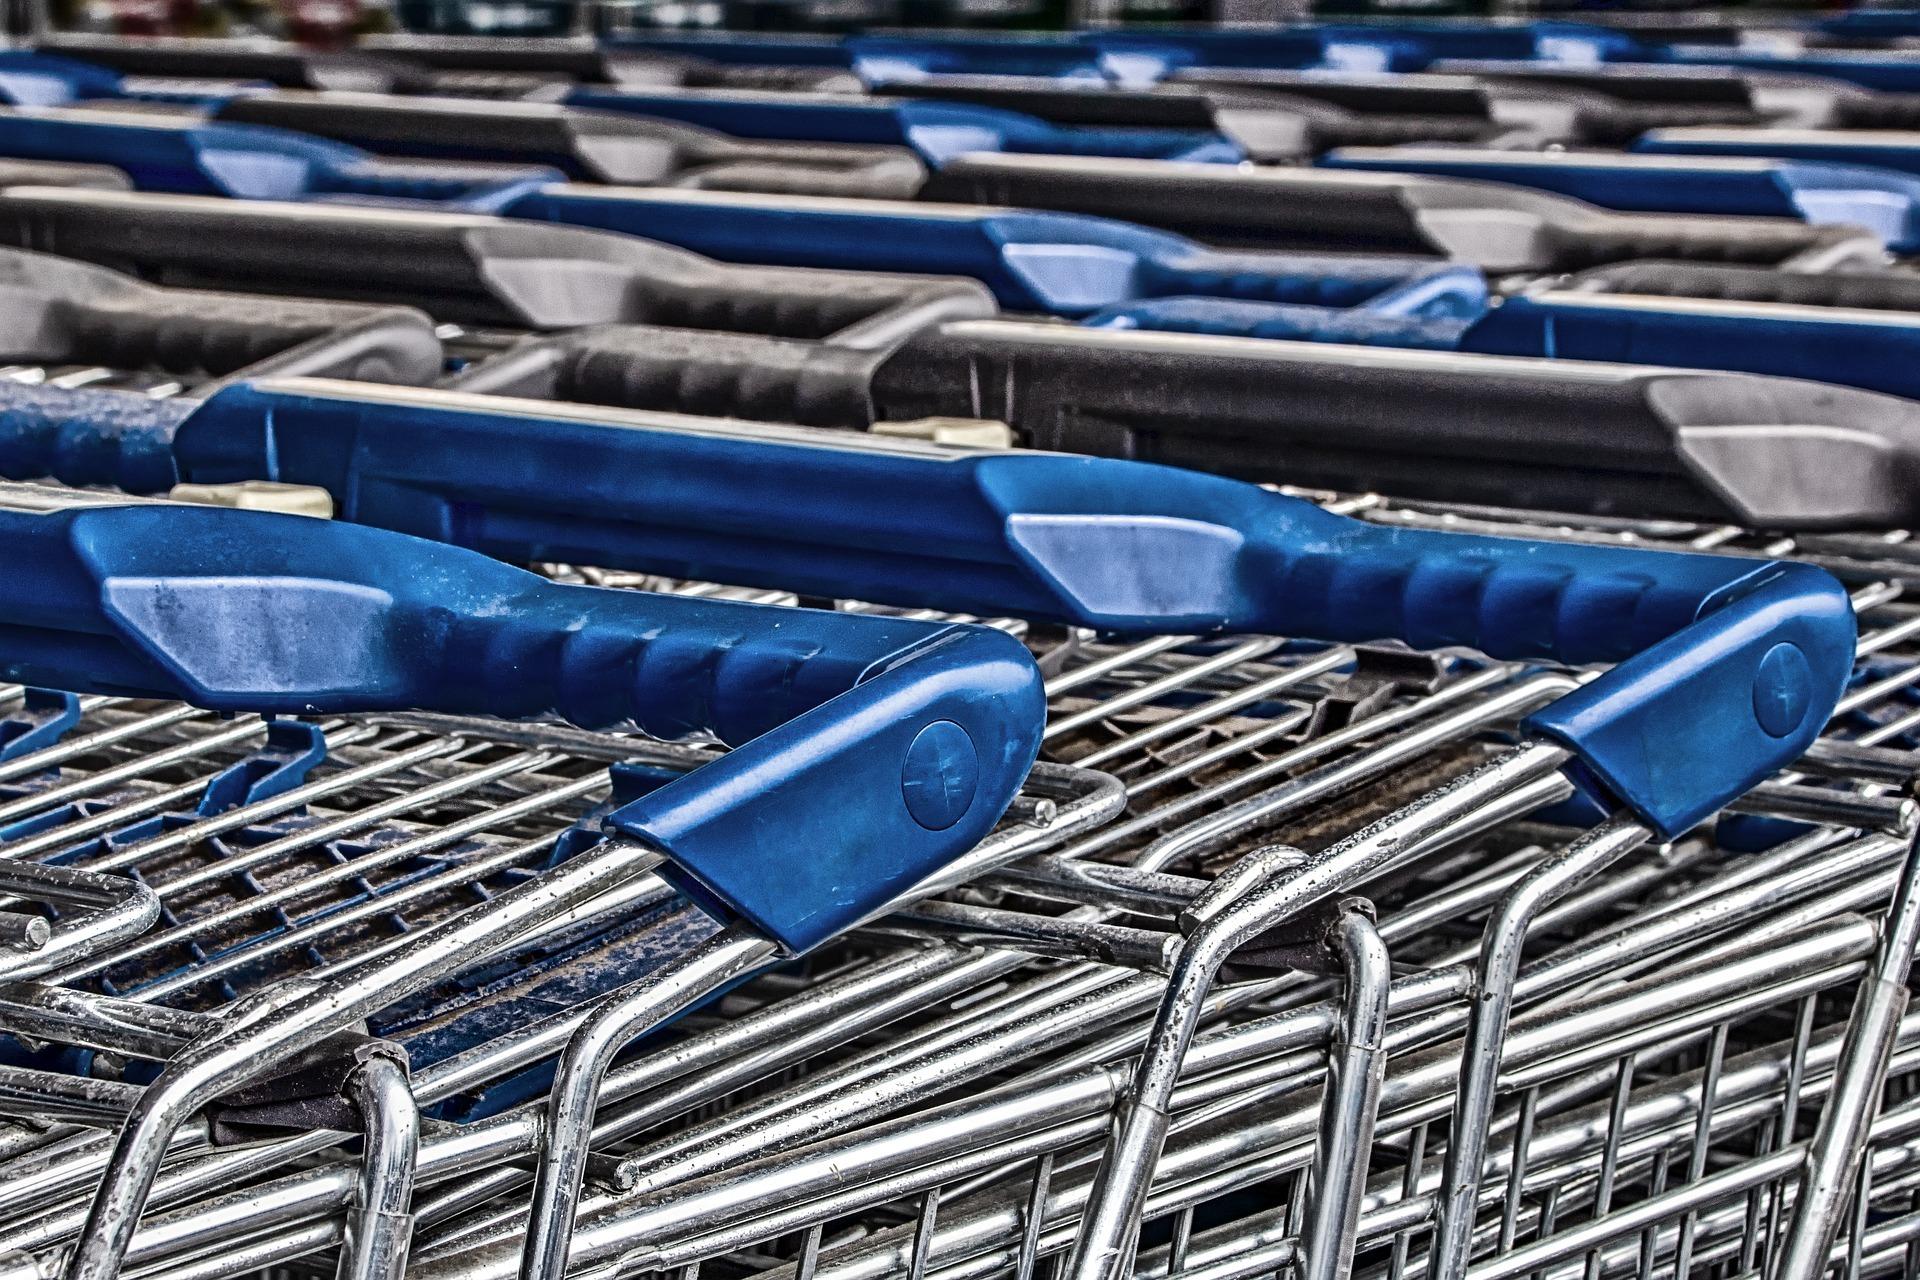 力抗全聯、全家、7-11 零售業者,美廉社3招找到市場缺口